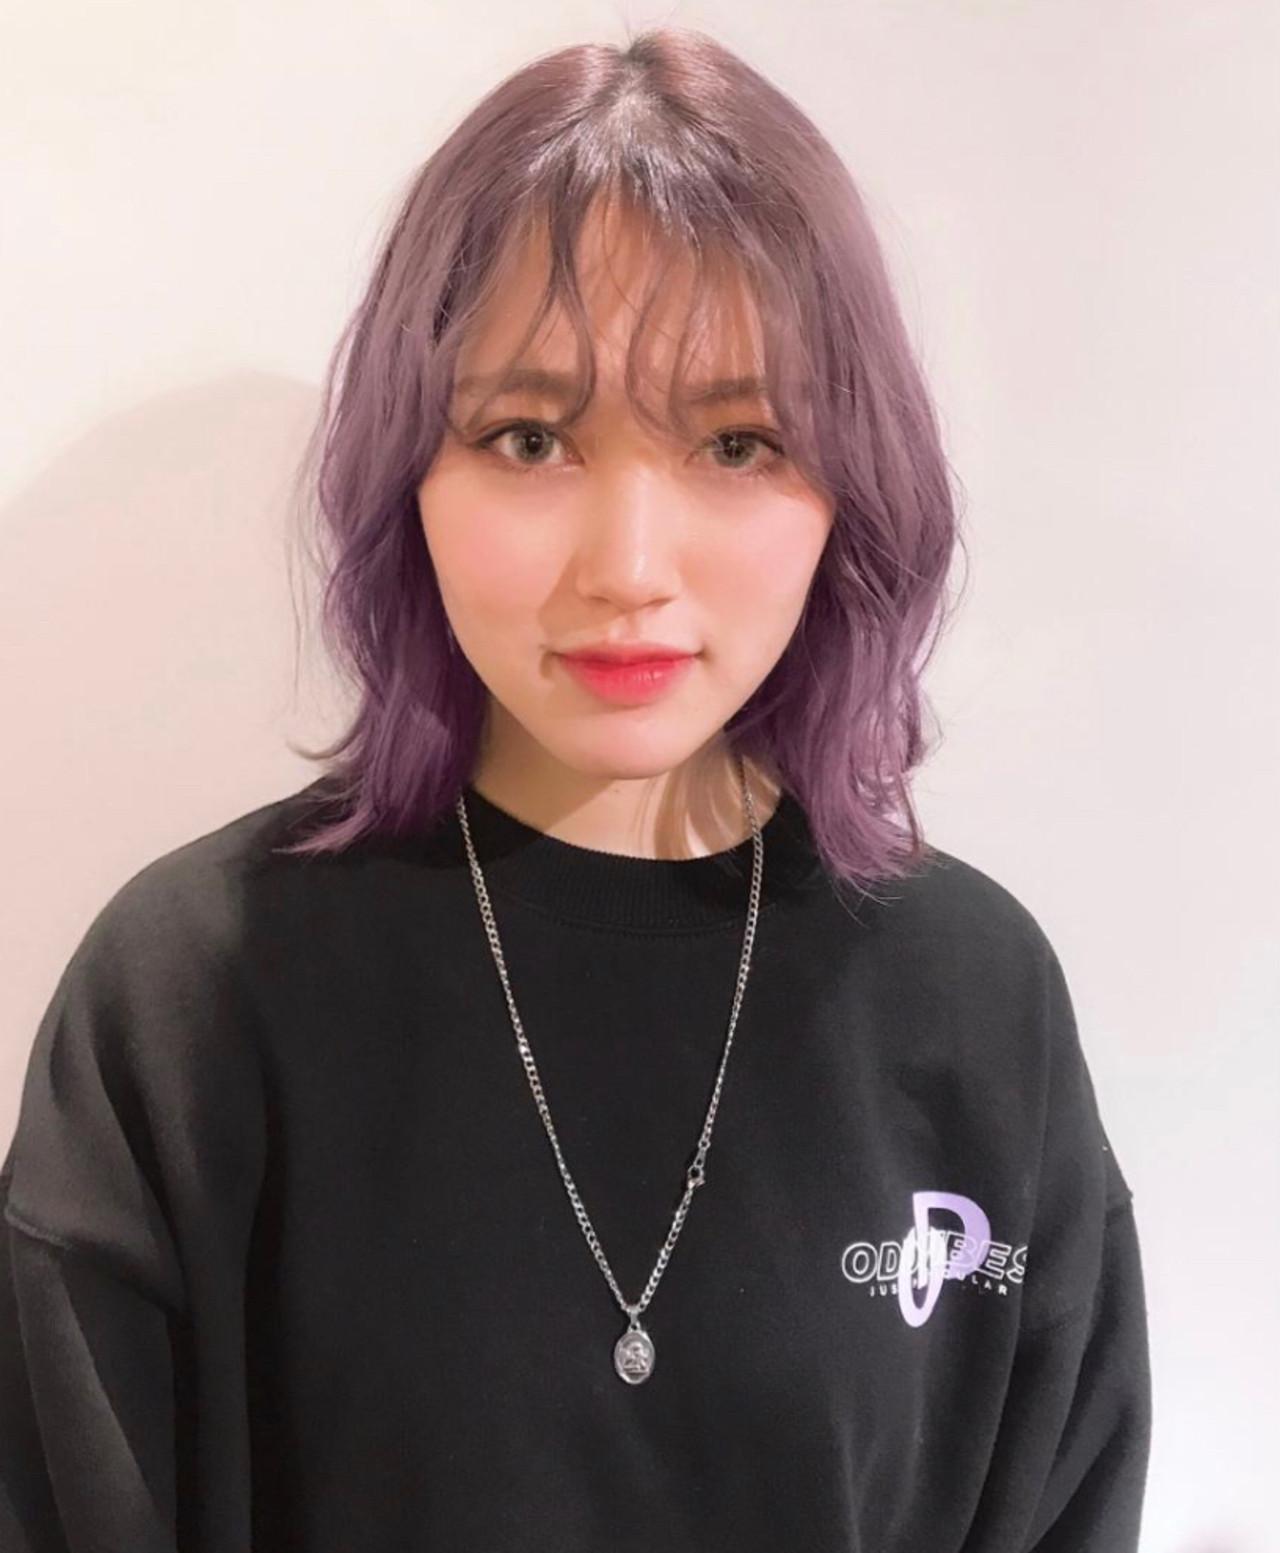 ストリート 韓国 韓国ヘア ボブ ヘアスタイルや髪型の写真・画像